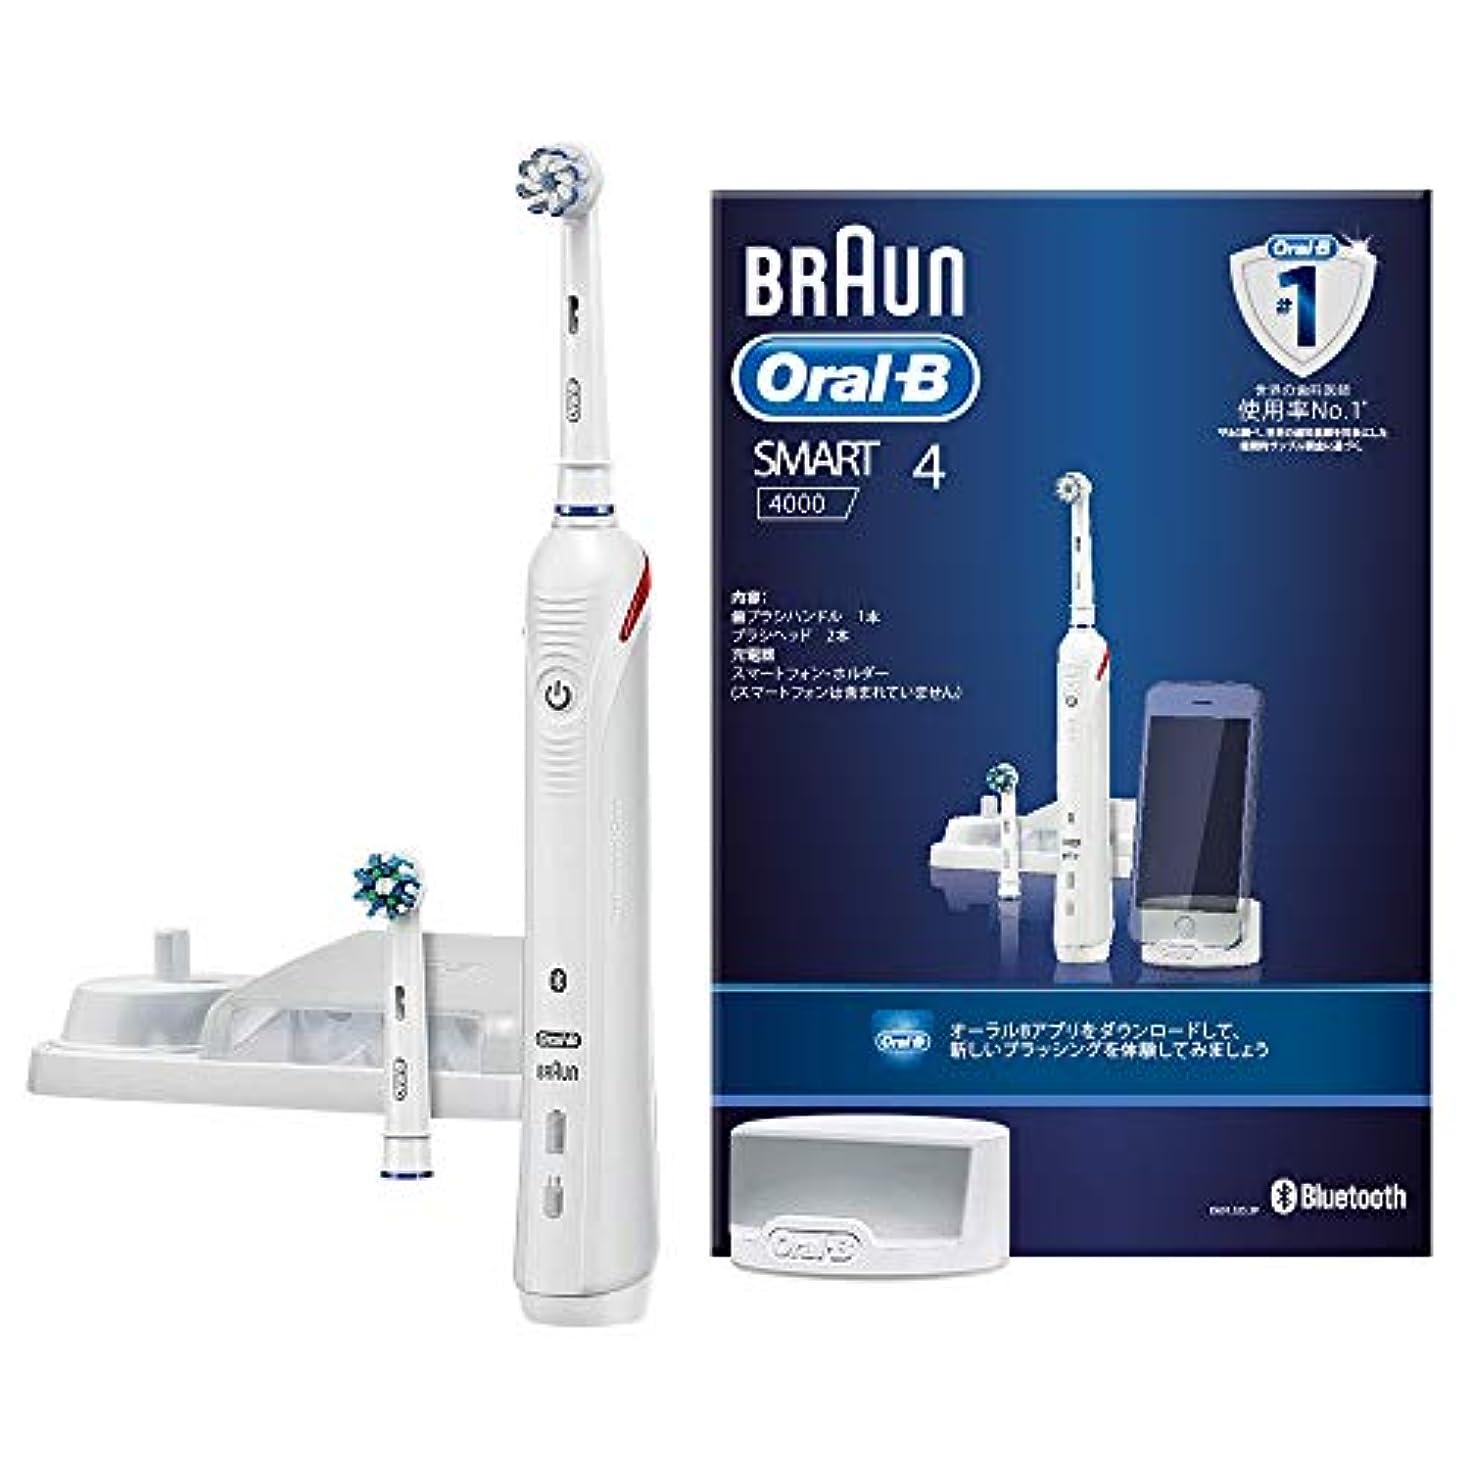 入る従順教えてブラウン オーラルB 電動歯ブラシ スマート4000 D6015253P